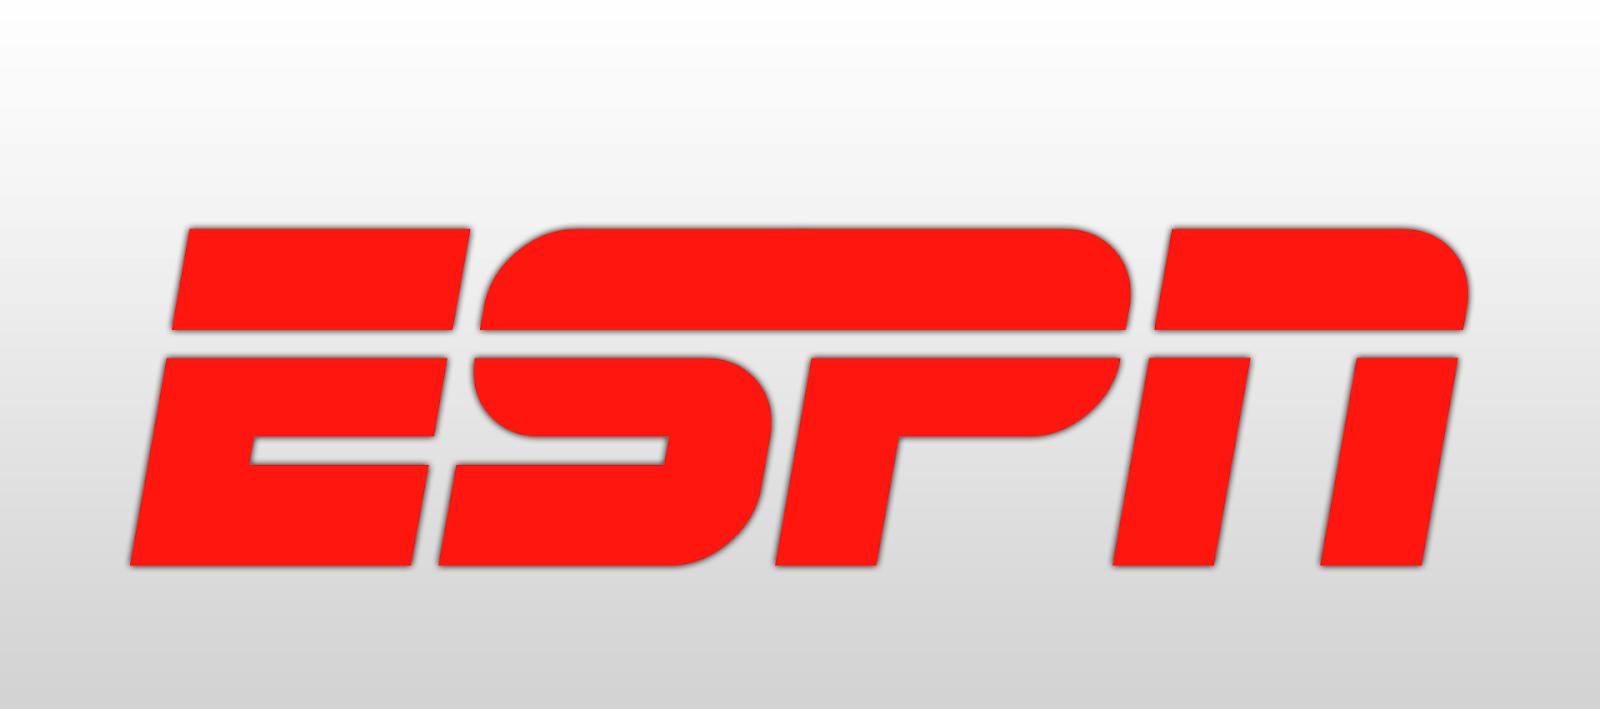 File:ESPN logos.png.